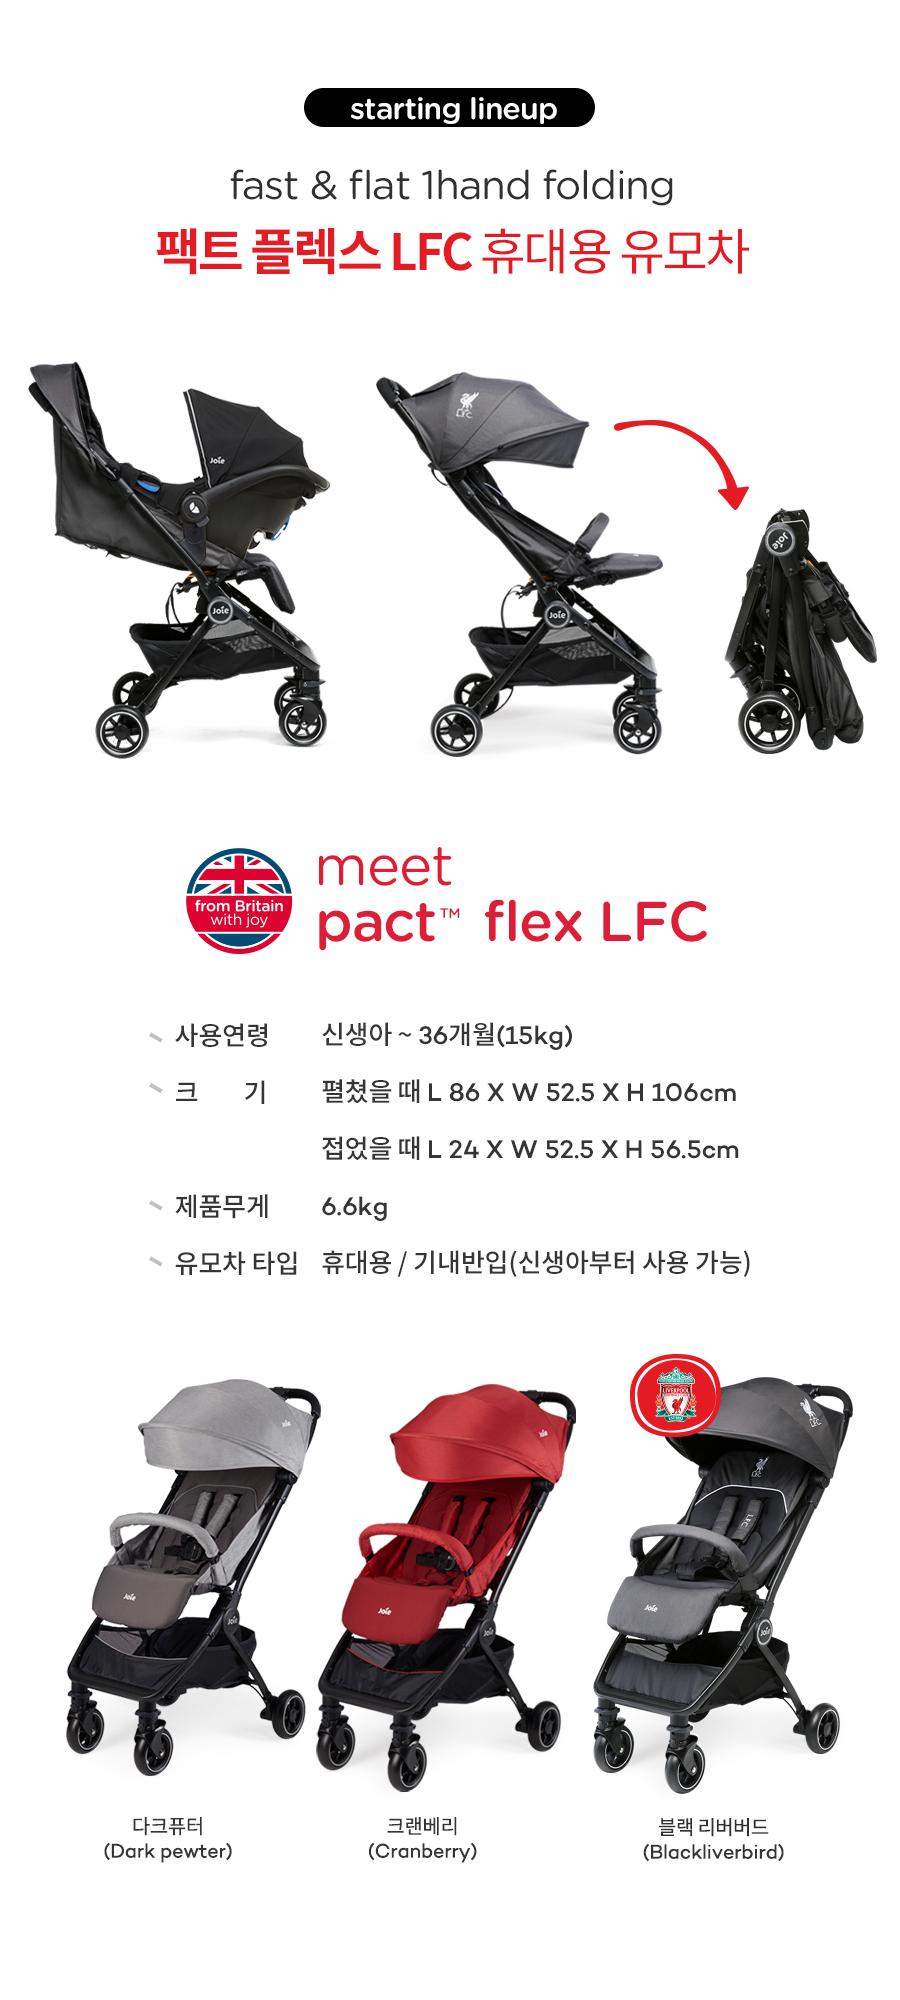 joie 18 LFC pactflex